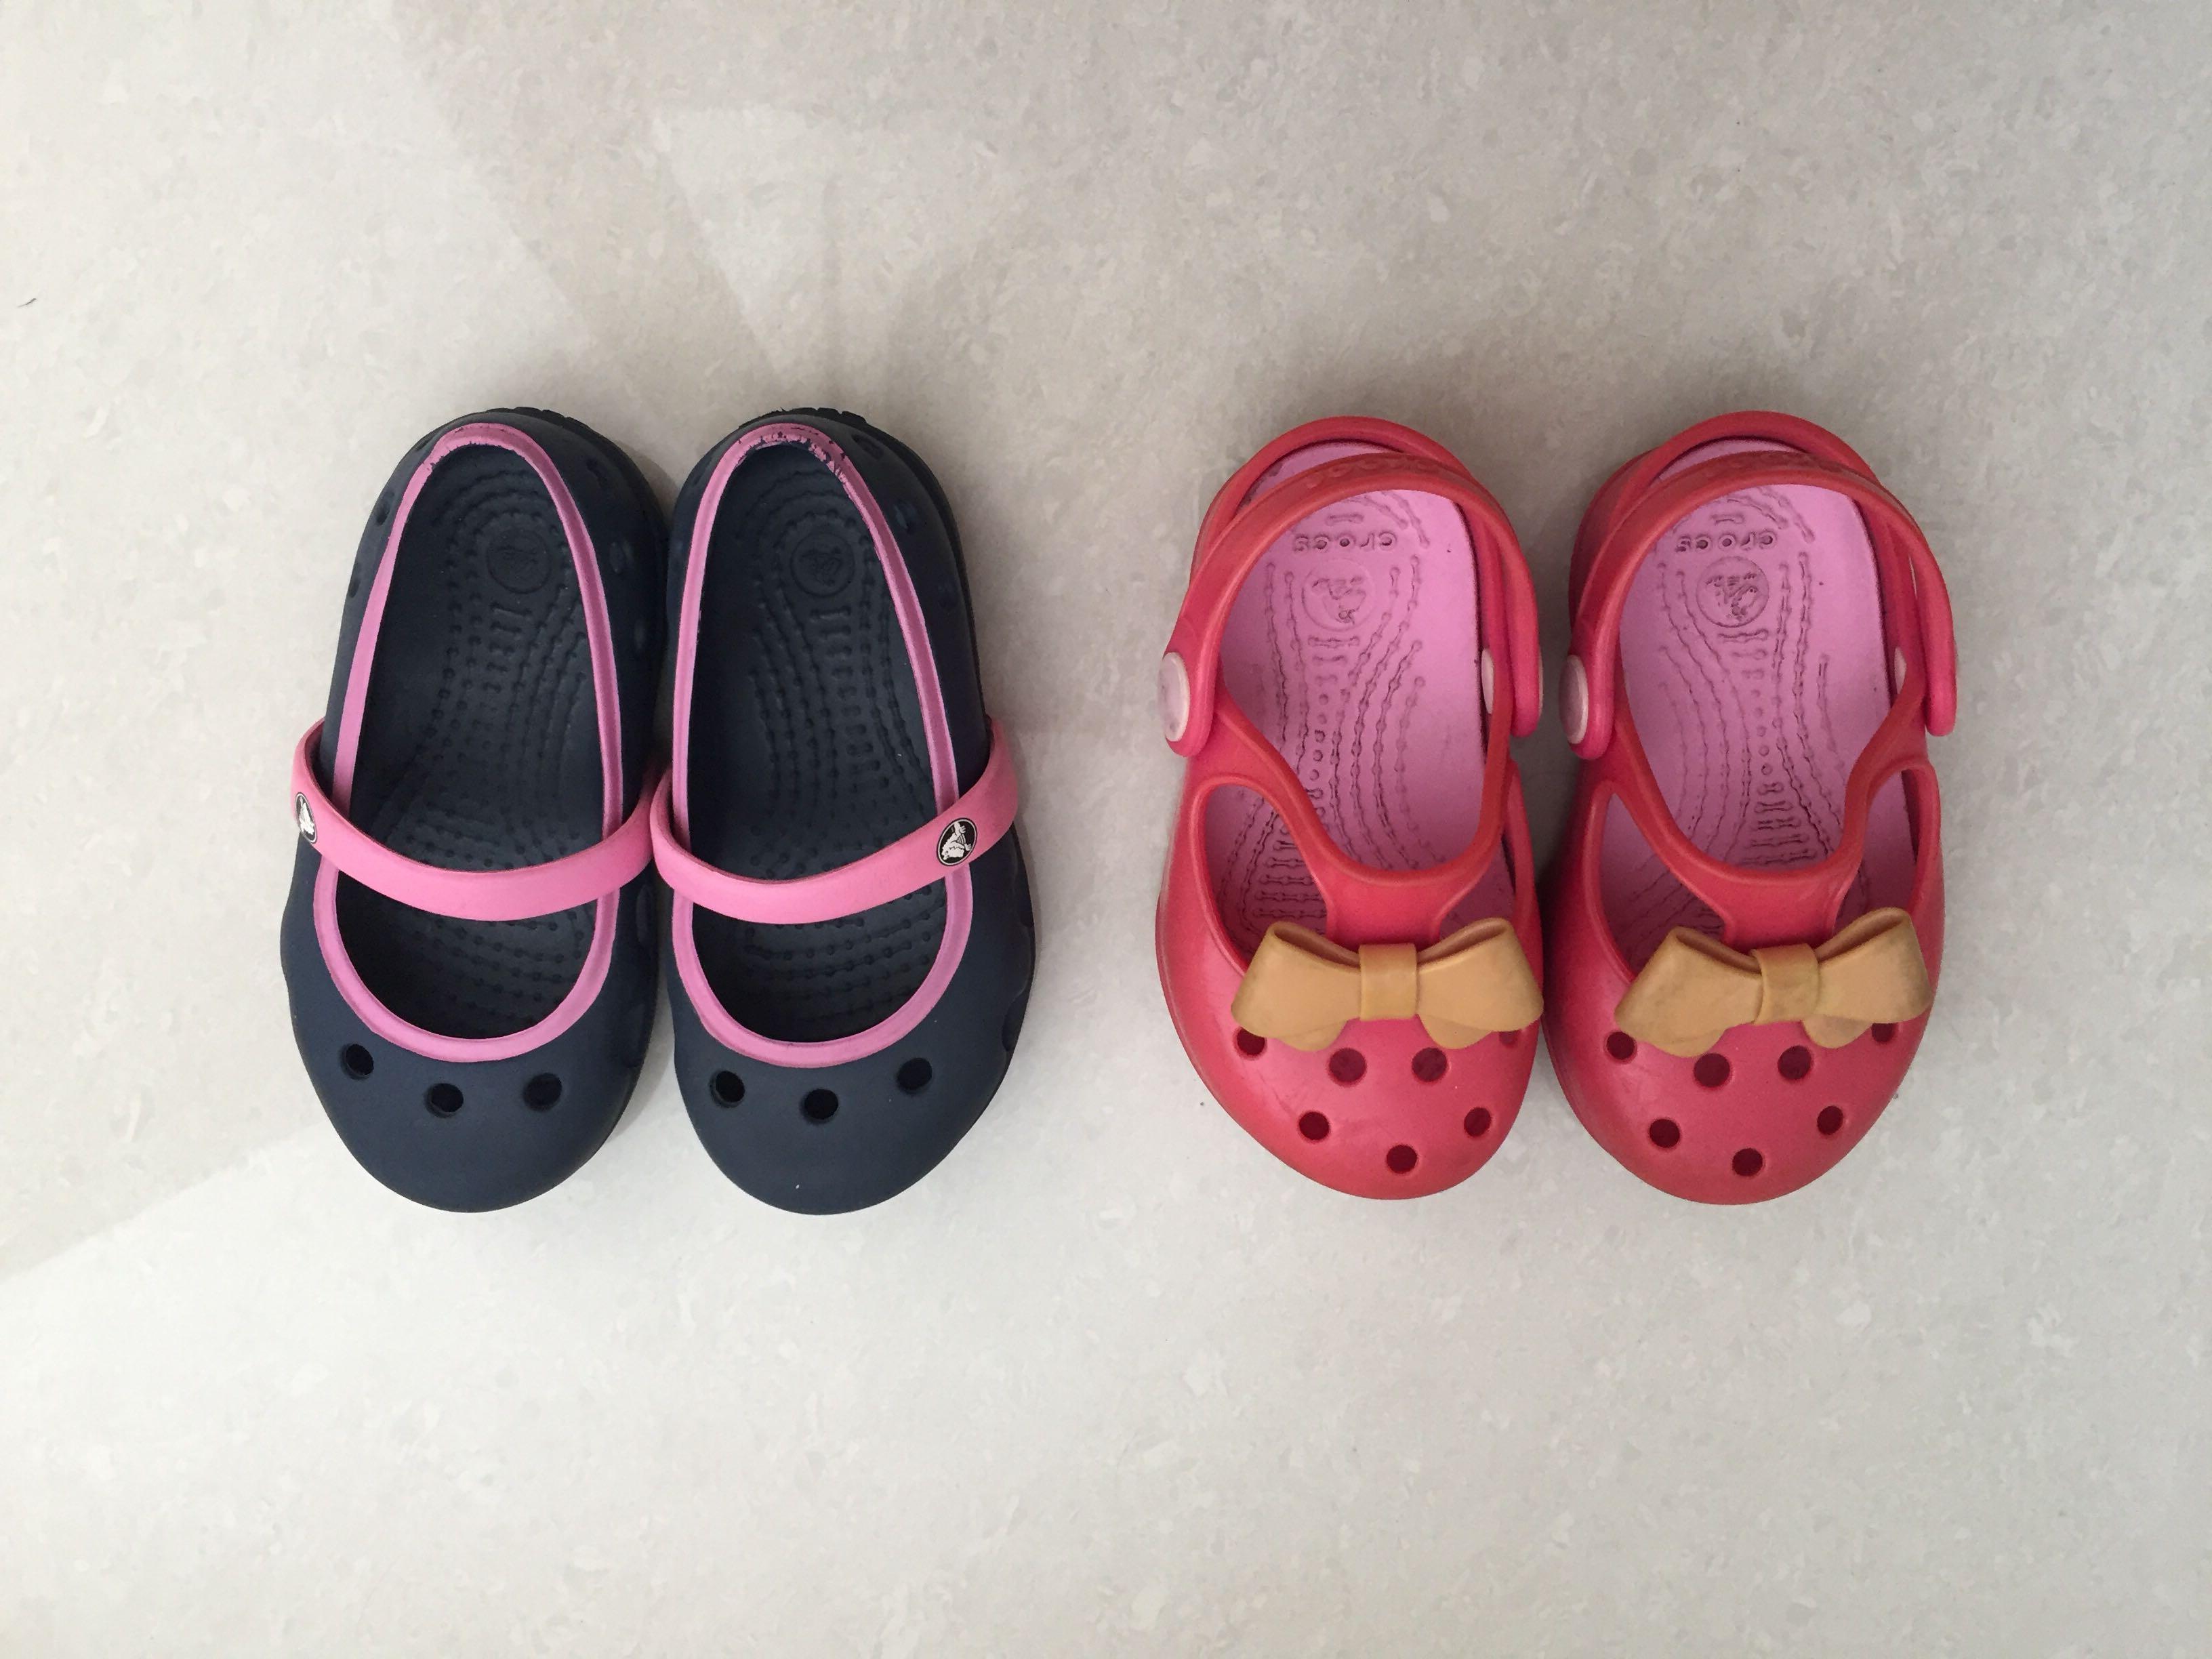 972e51586a0 Crocs Kid Children Shoes Sandals Size C6